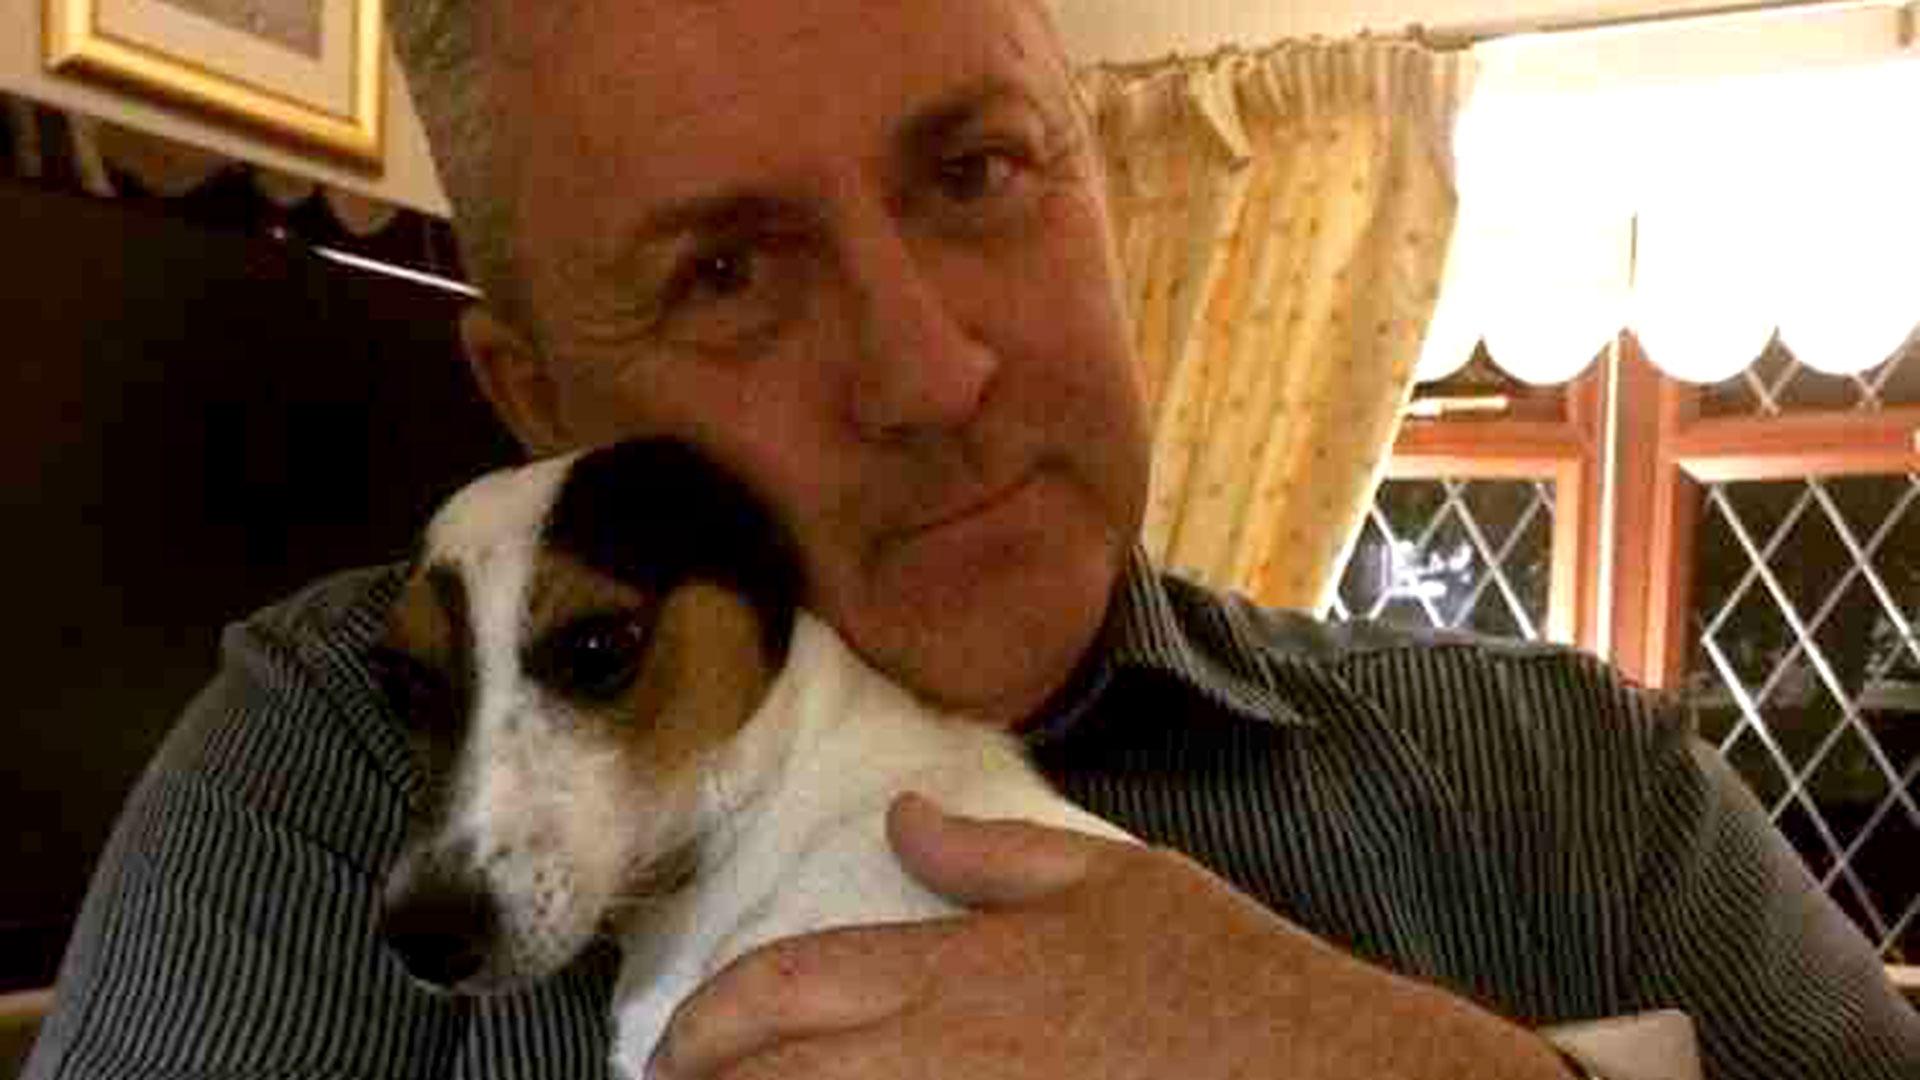 La familia había recolectado más de 27 mil libras para reanudar la búsqueda